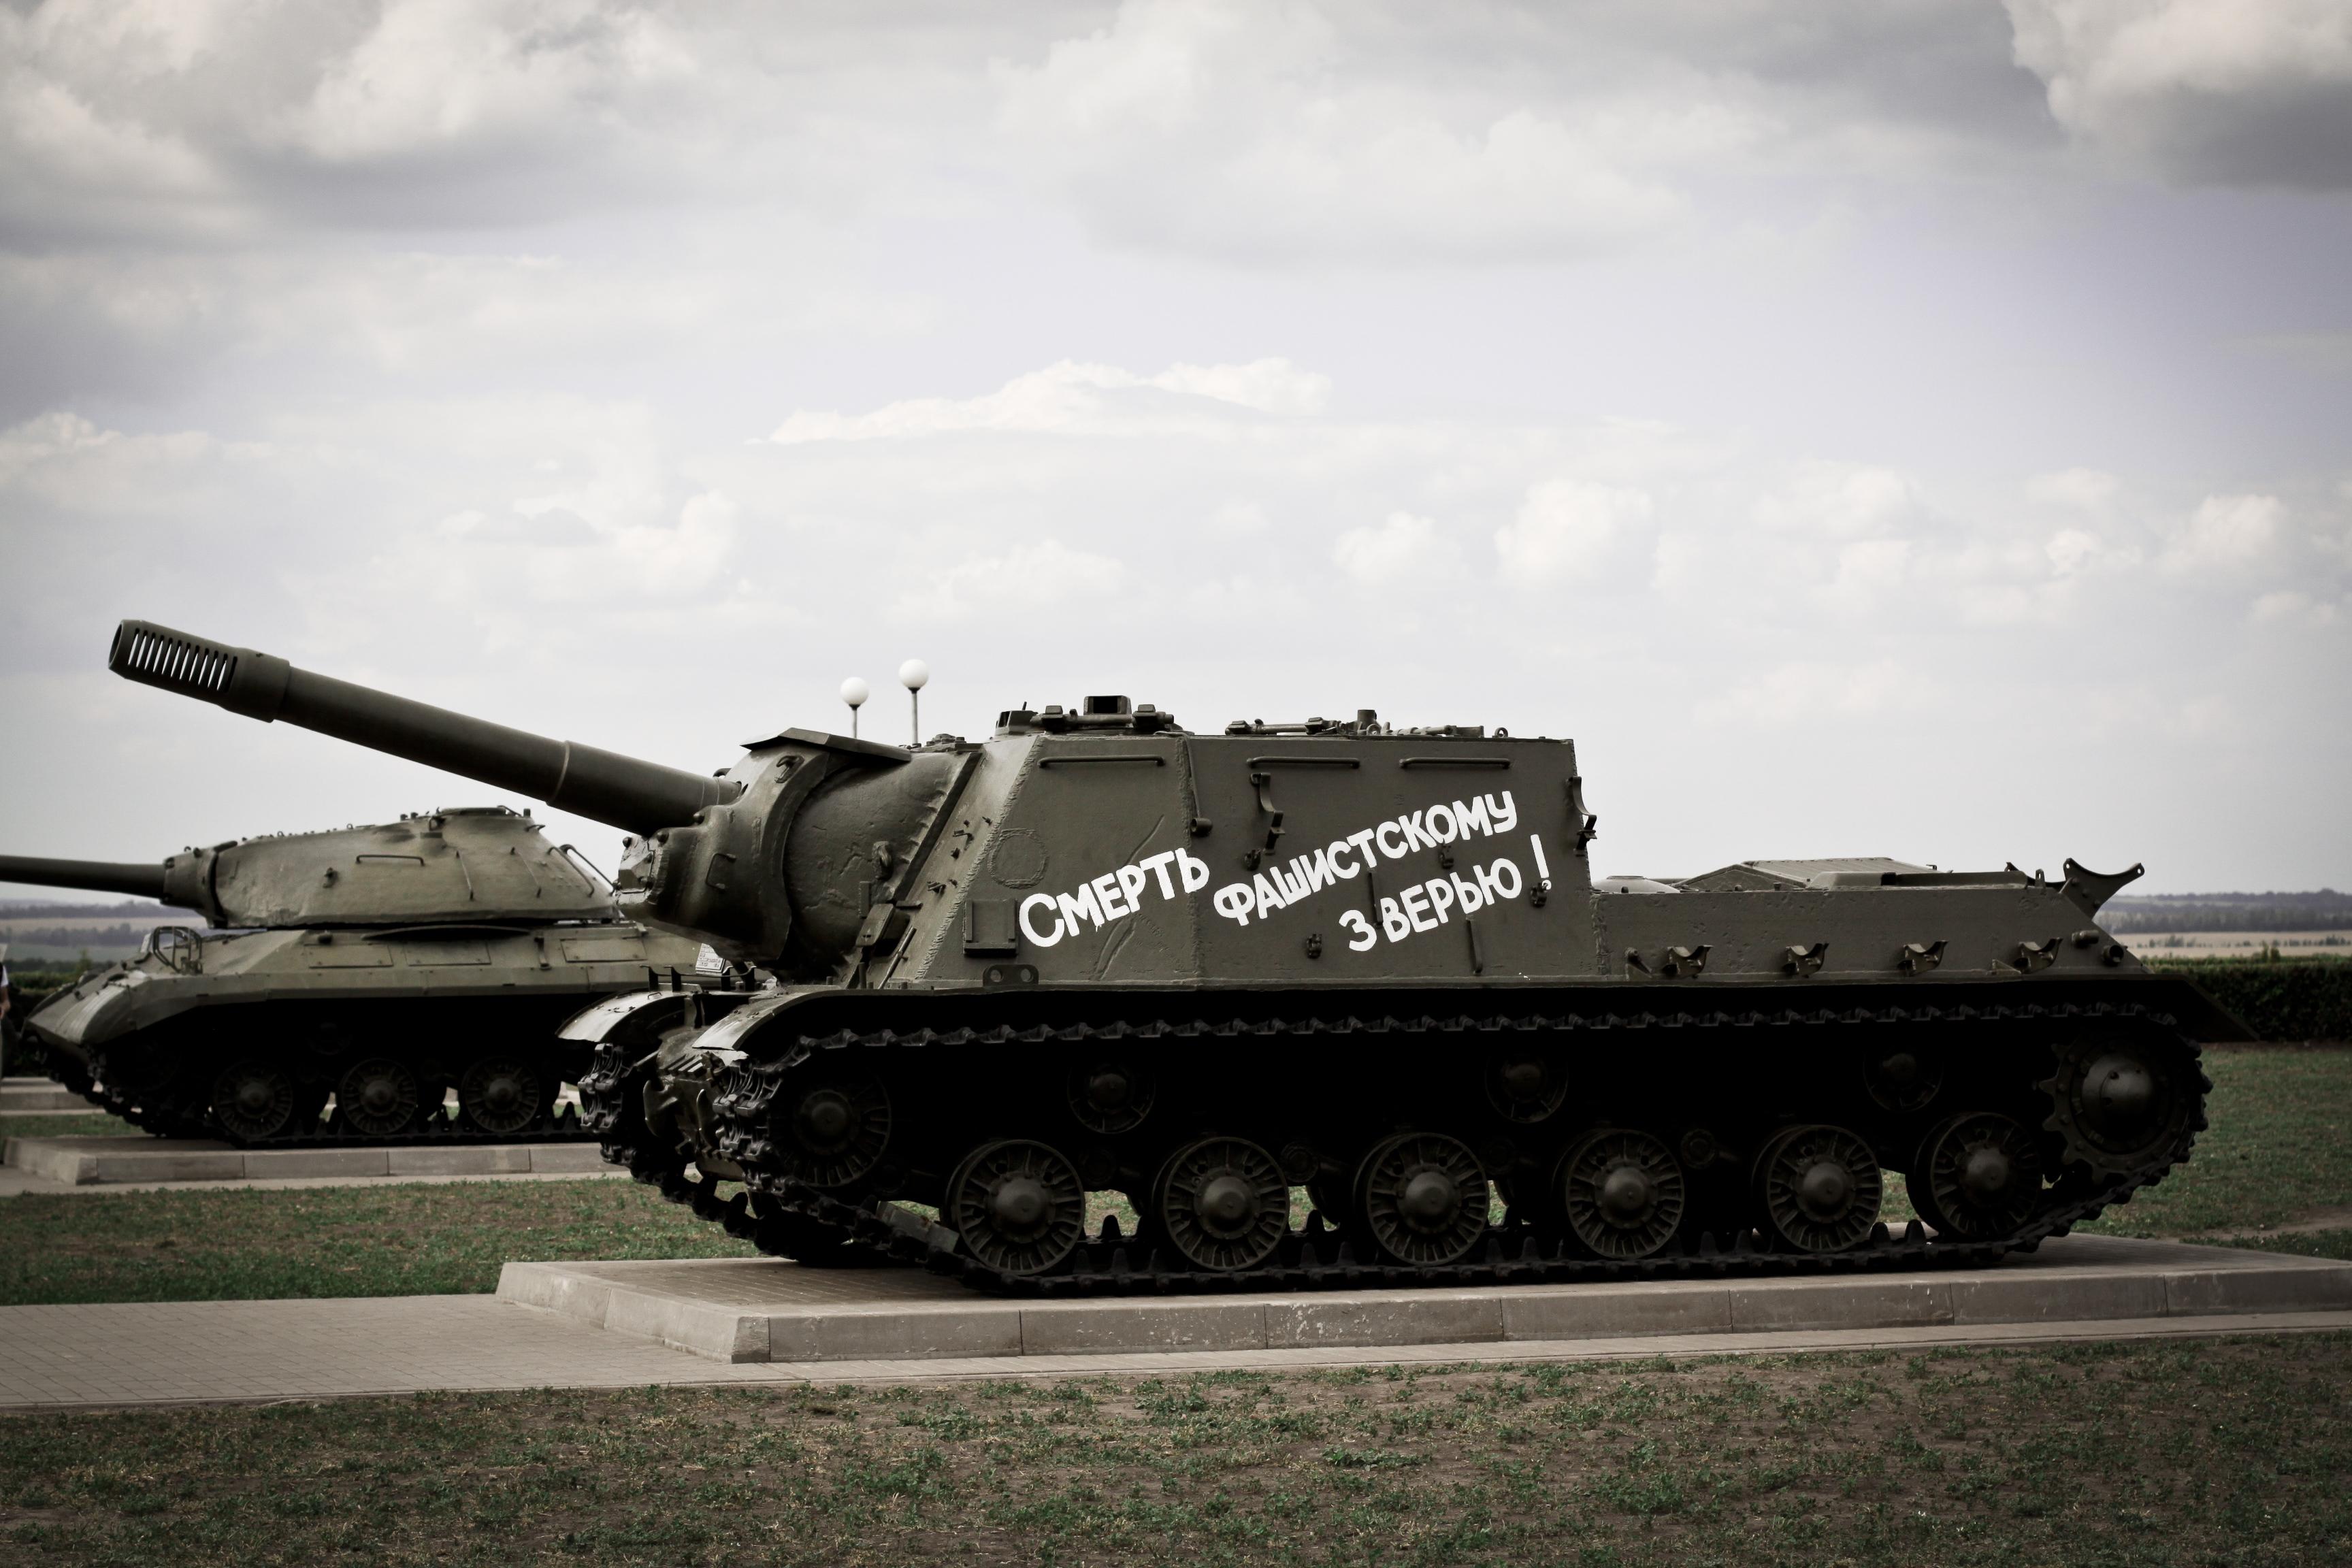 Prokhorovka's tank monument